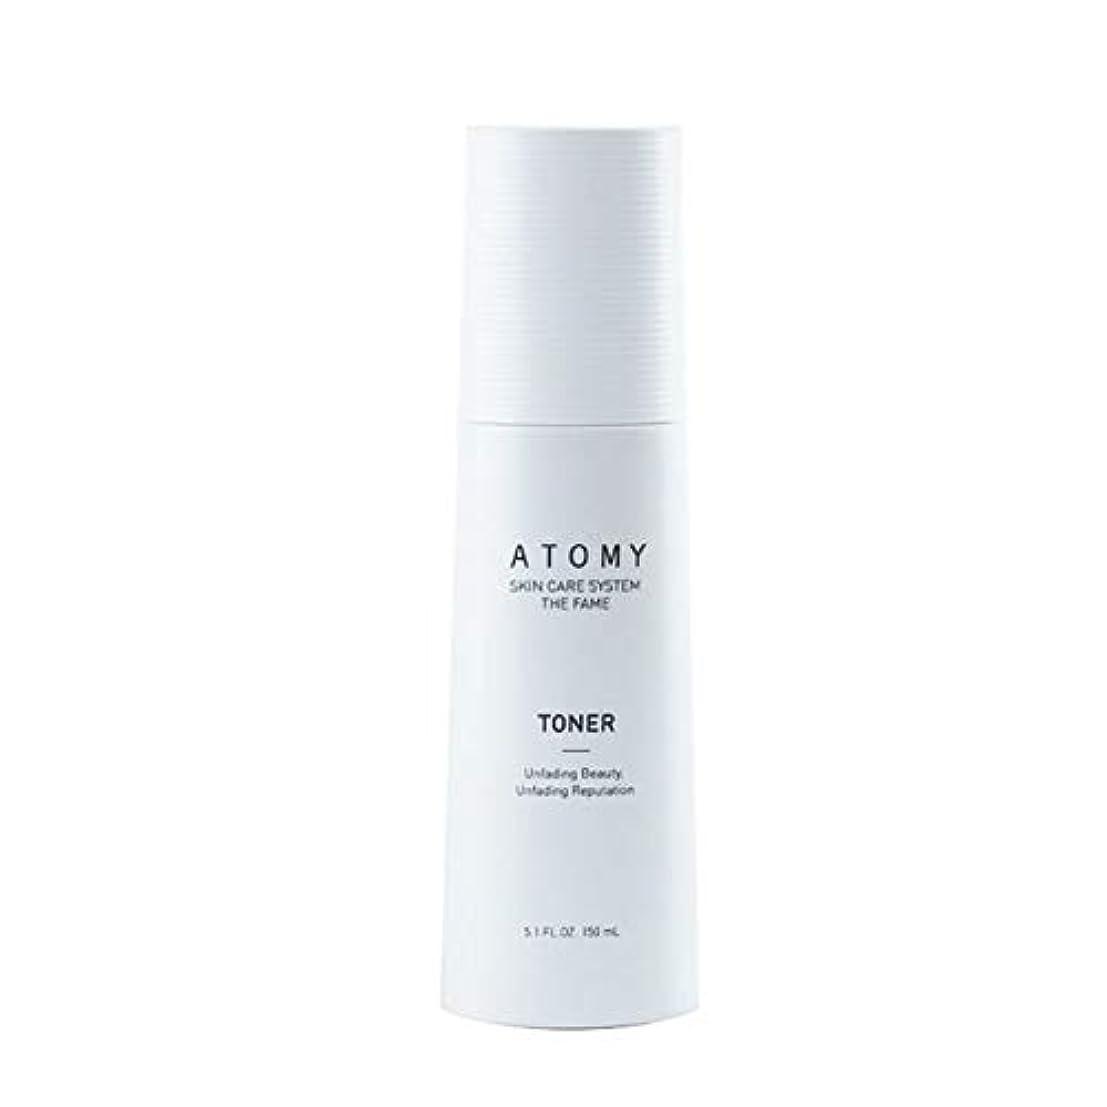 知り合いになる爵減るアトミザ?フェームトナー150ml韓国コスメ、Atomy The Fame Toner 150ml Korean Cosmetics [並行輸入品]